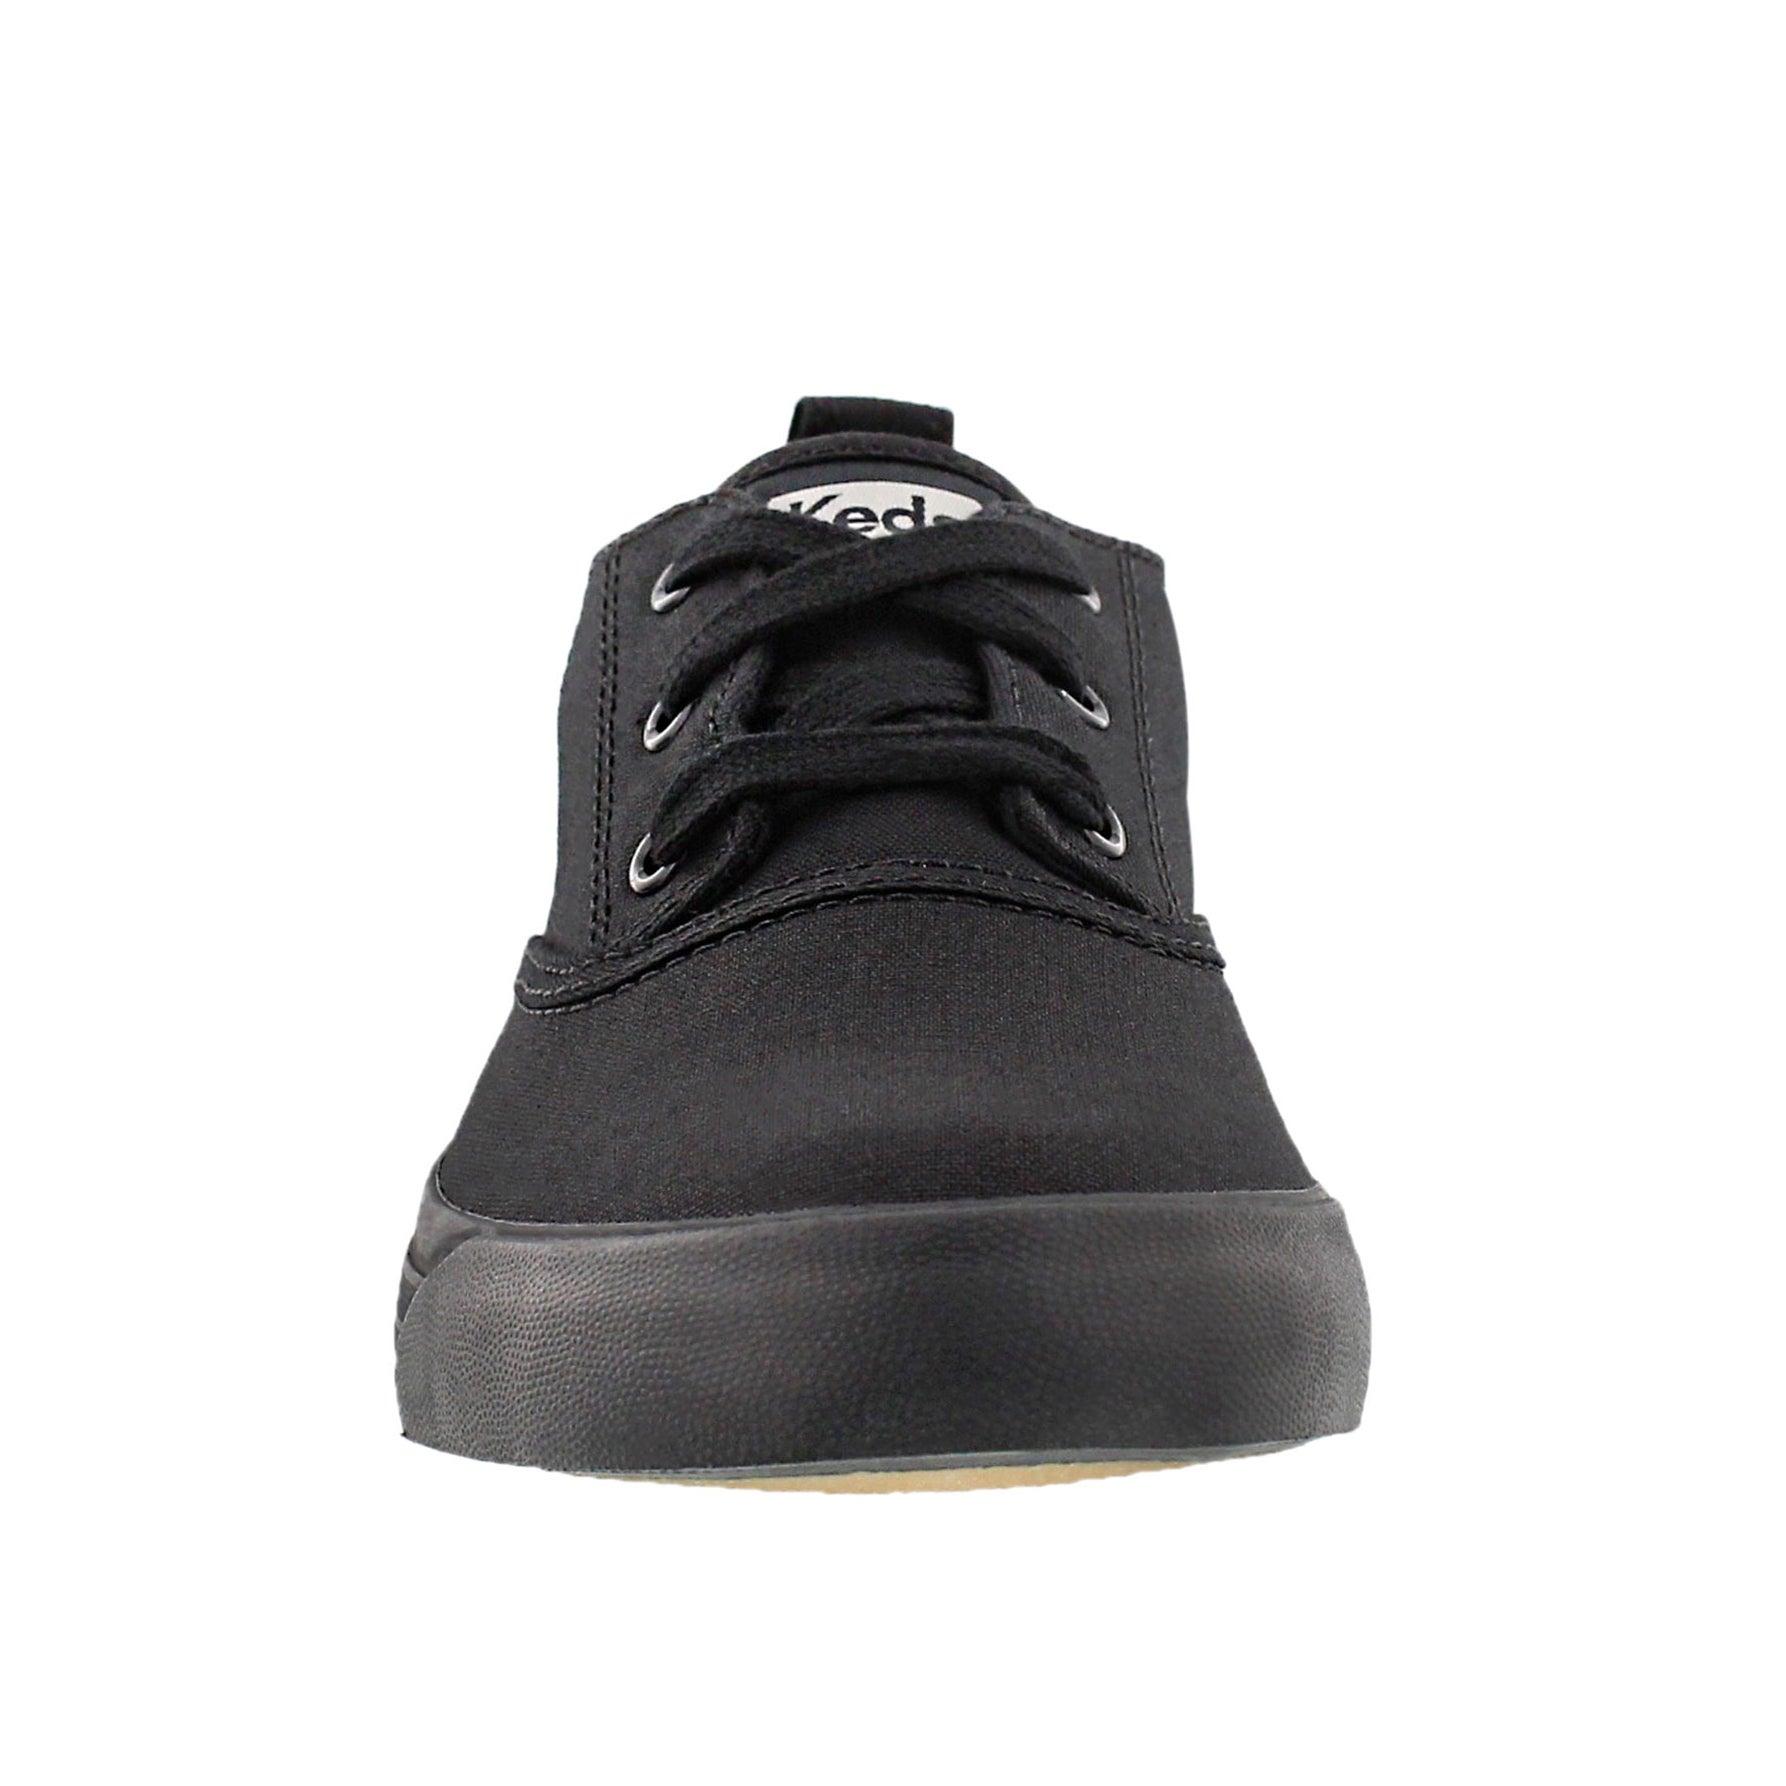 Lds Triumph Mid blk/blk lace up sneaker